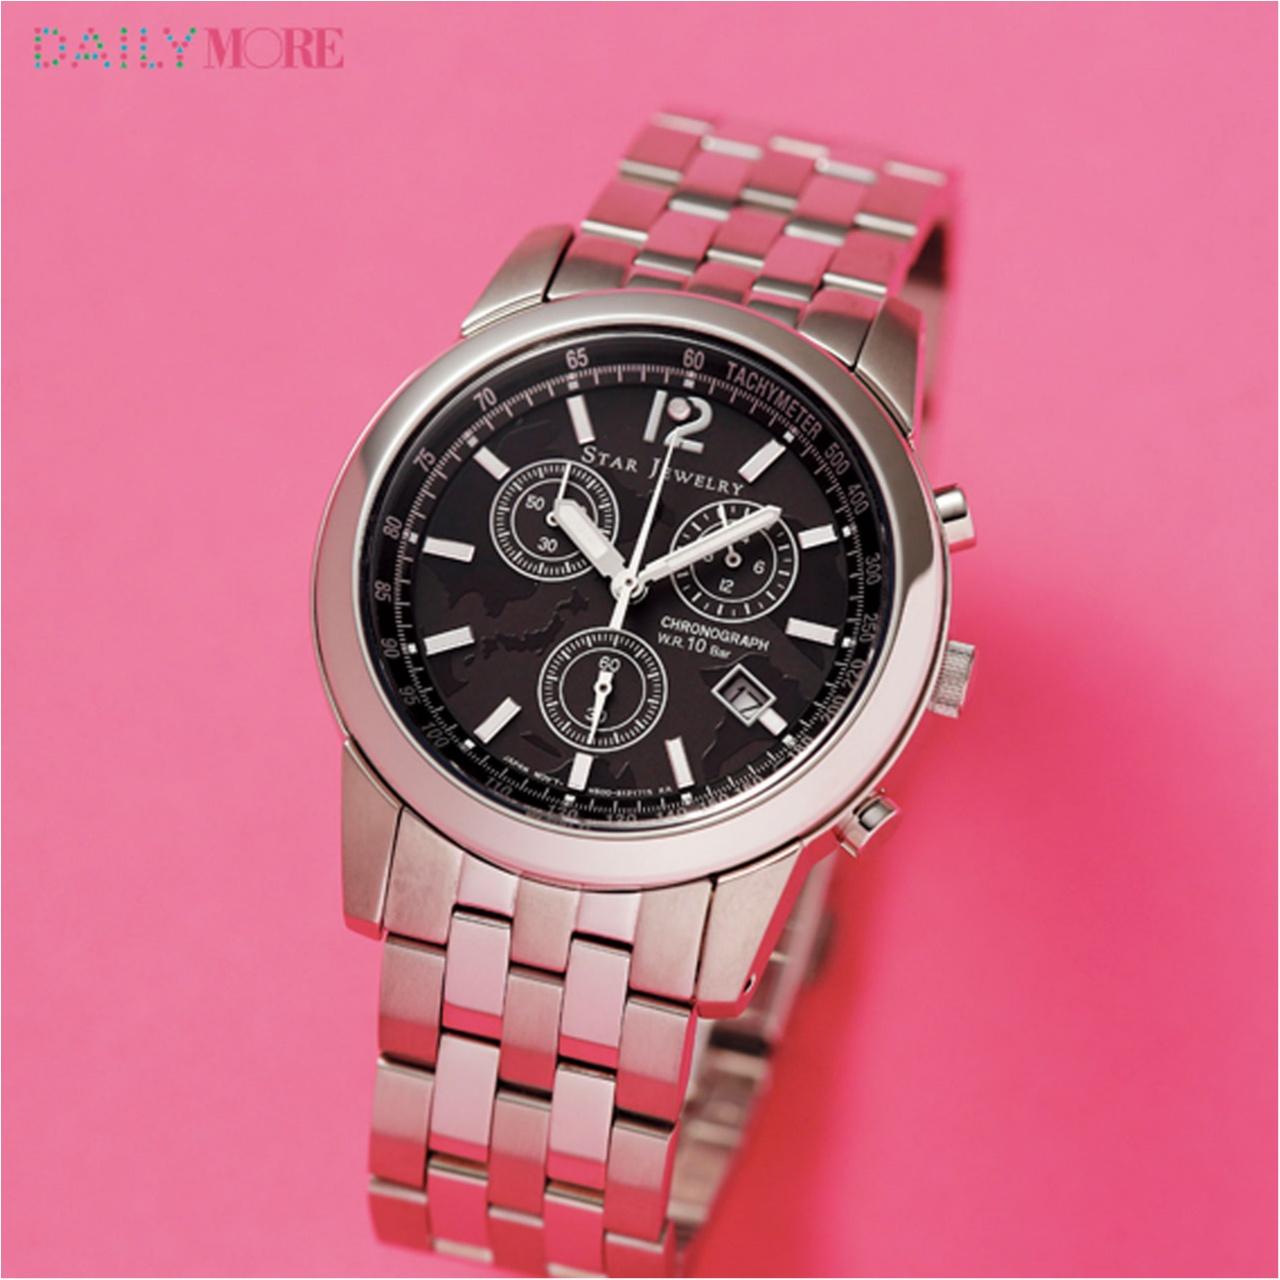 問題! 次に買うべき腕時計は「シルバーカラーウォッチ」が大正解なのはなぜ!?_2